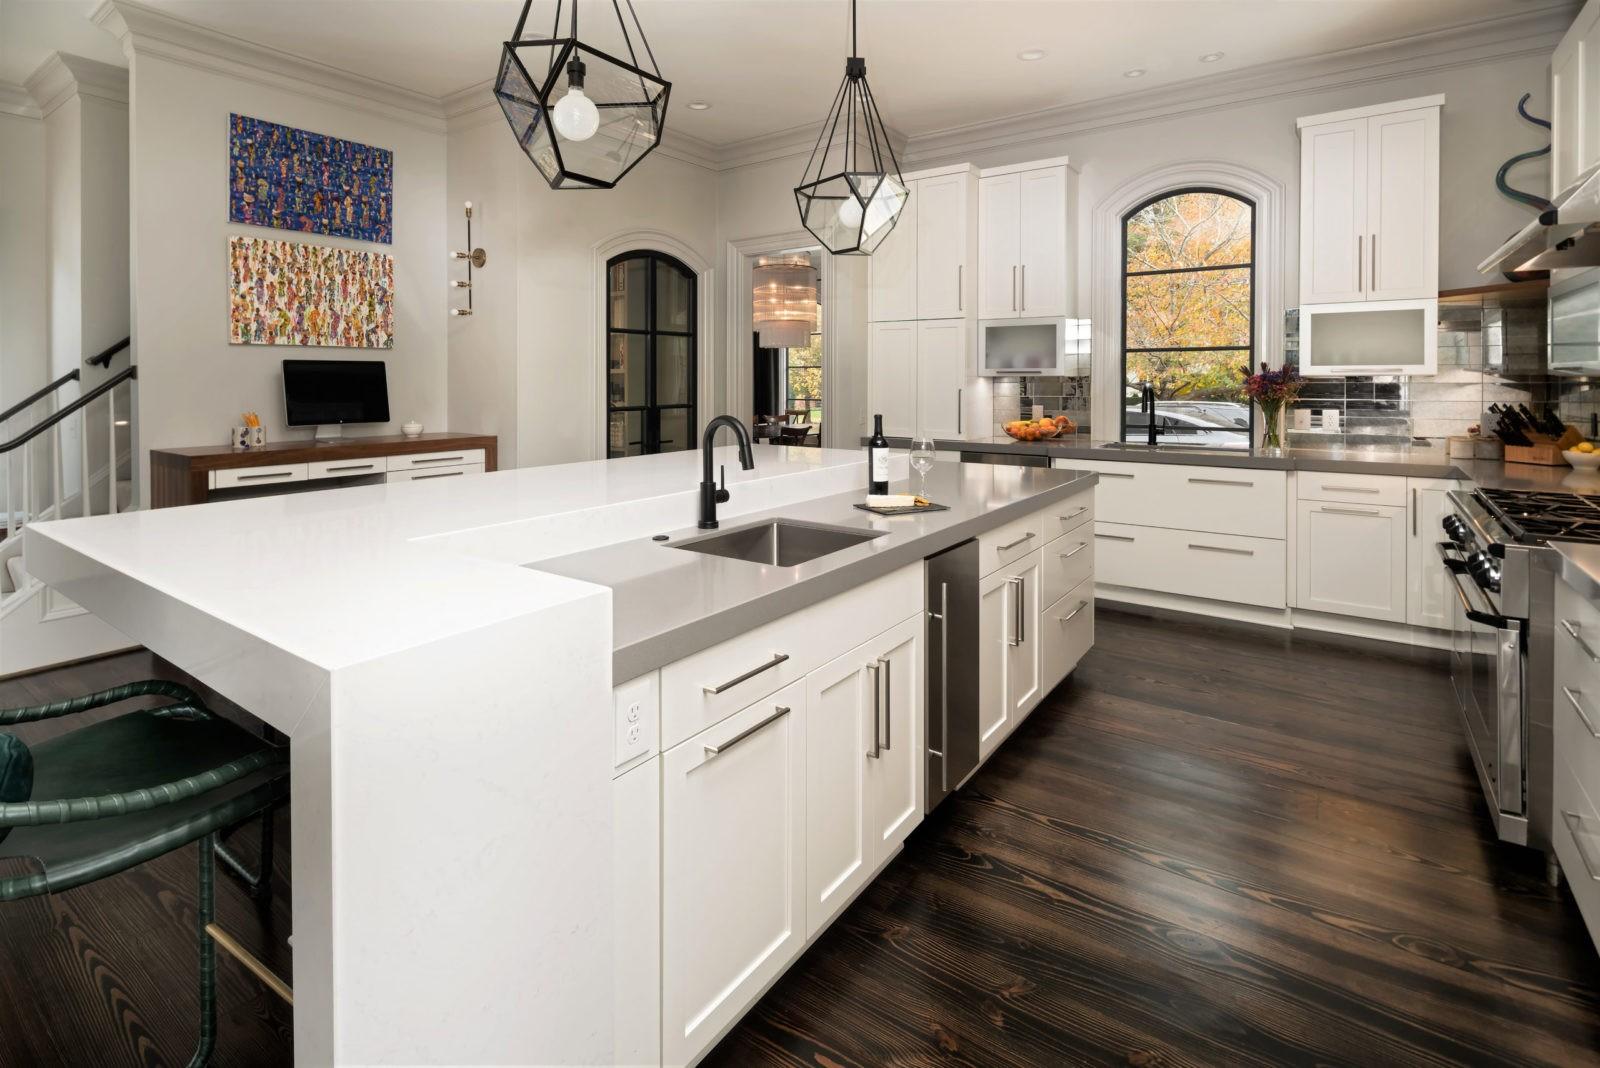 kitchen-storage-prep-sink-in-island